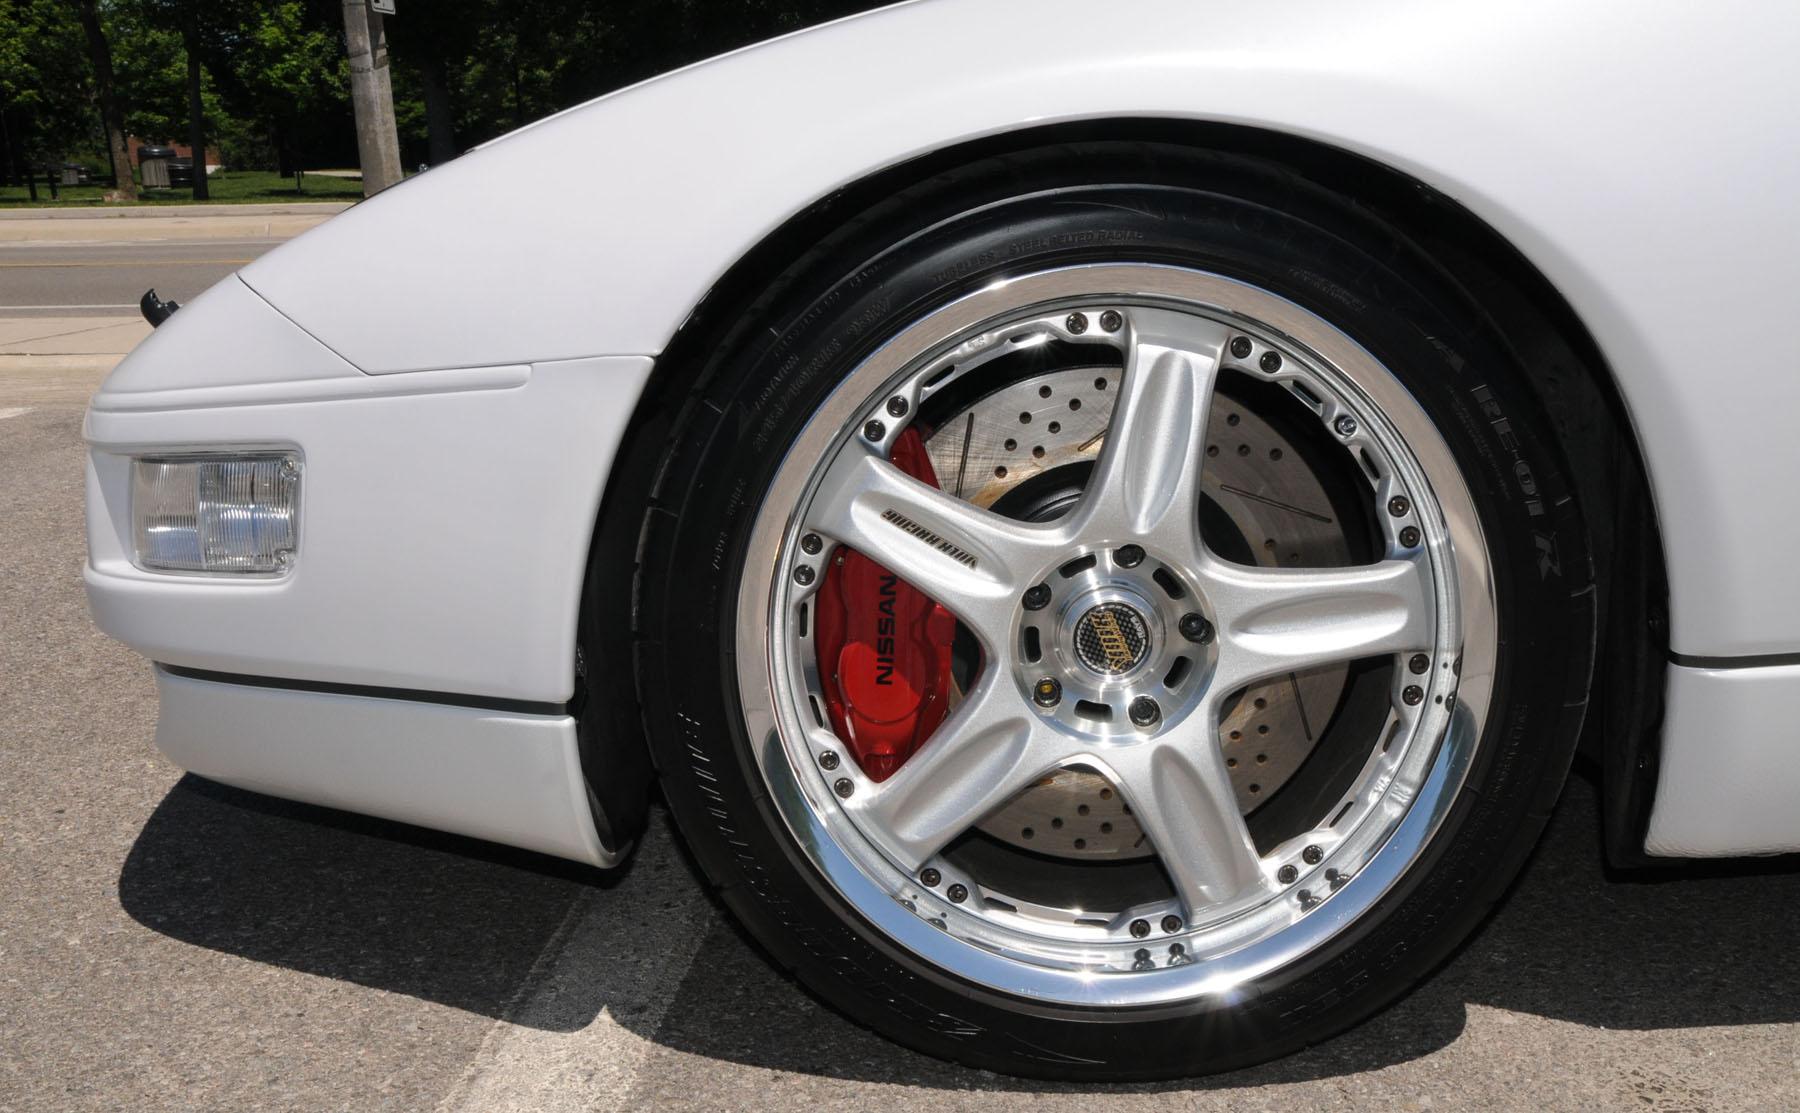 Top five ways to customize your car